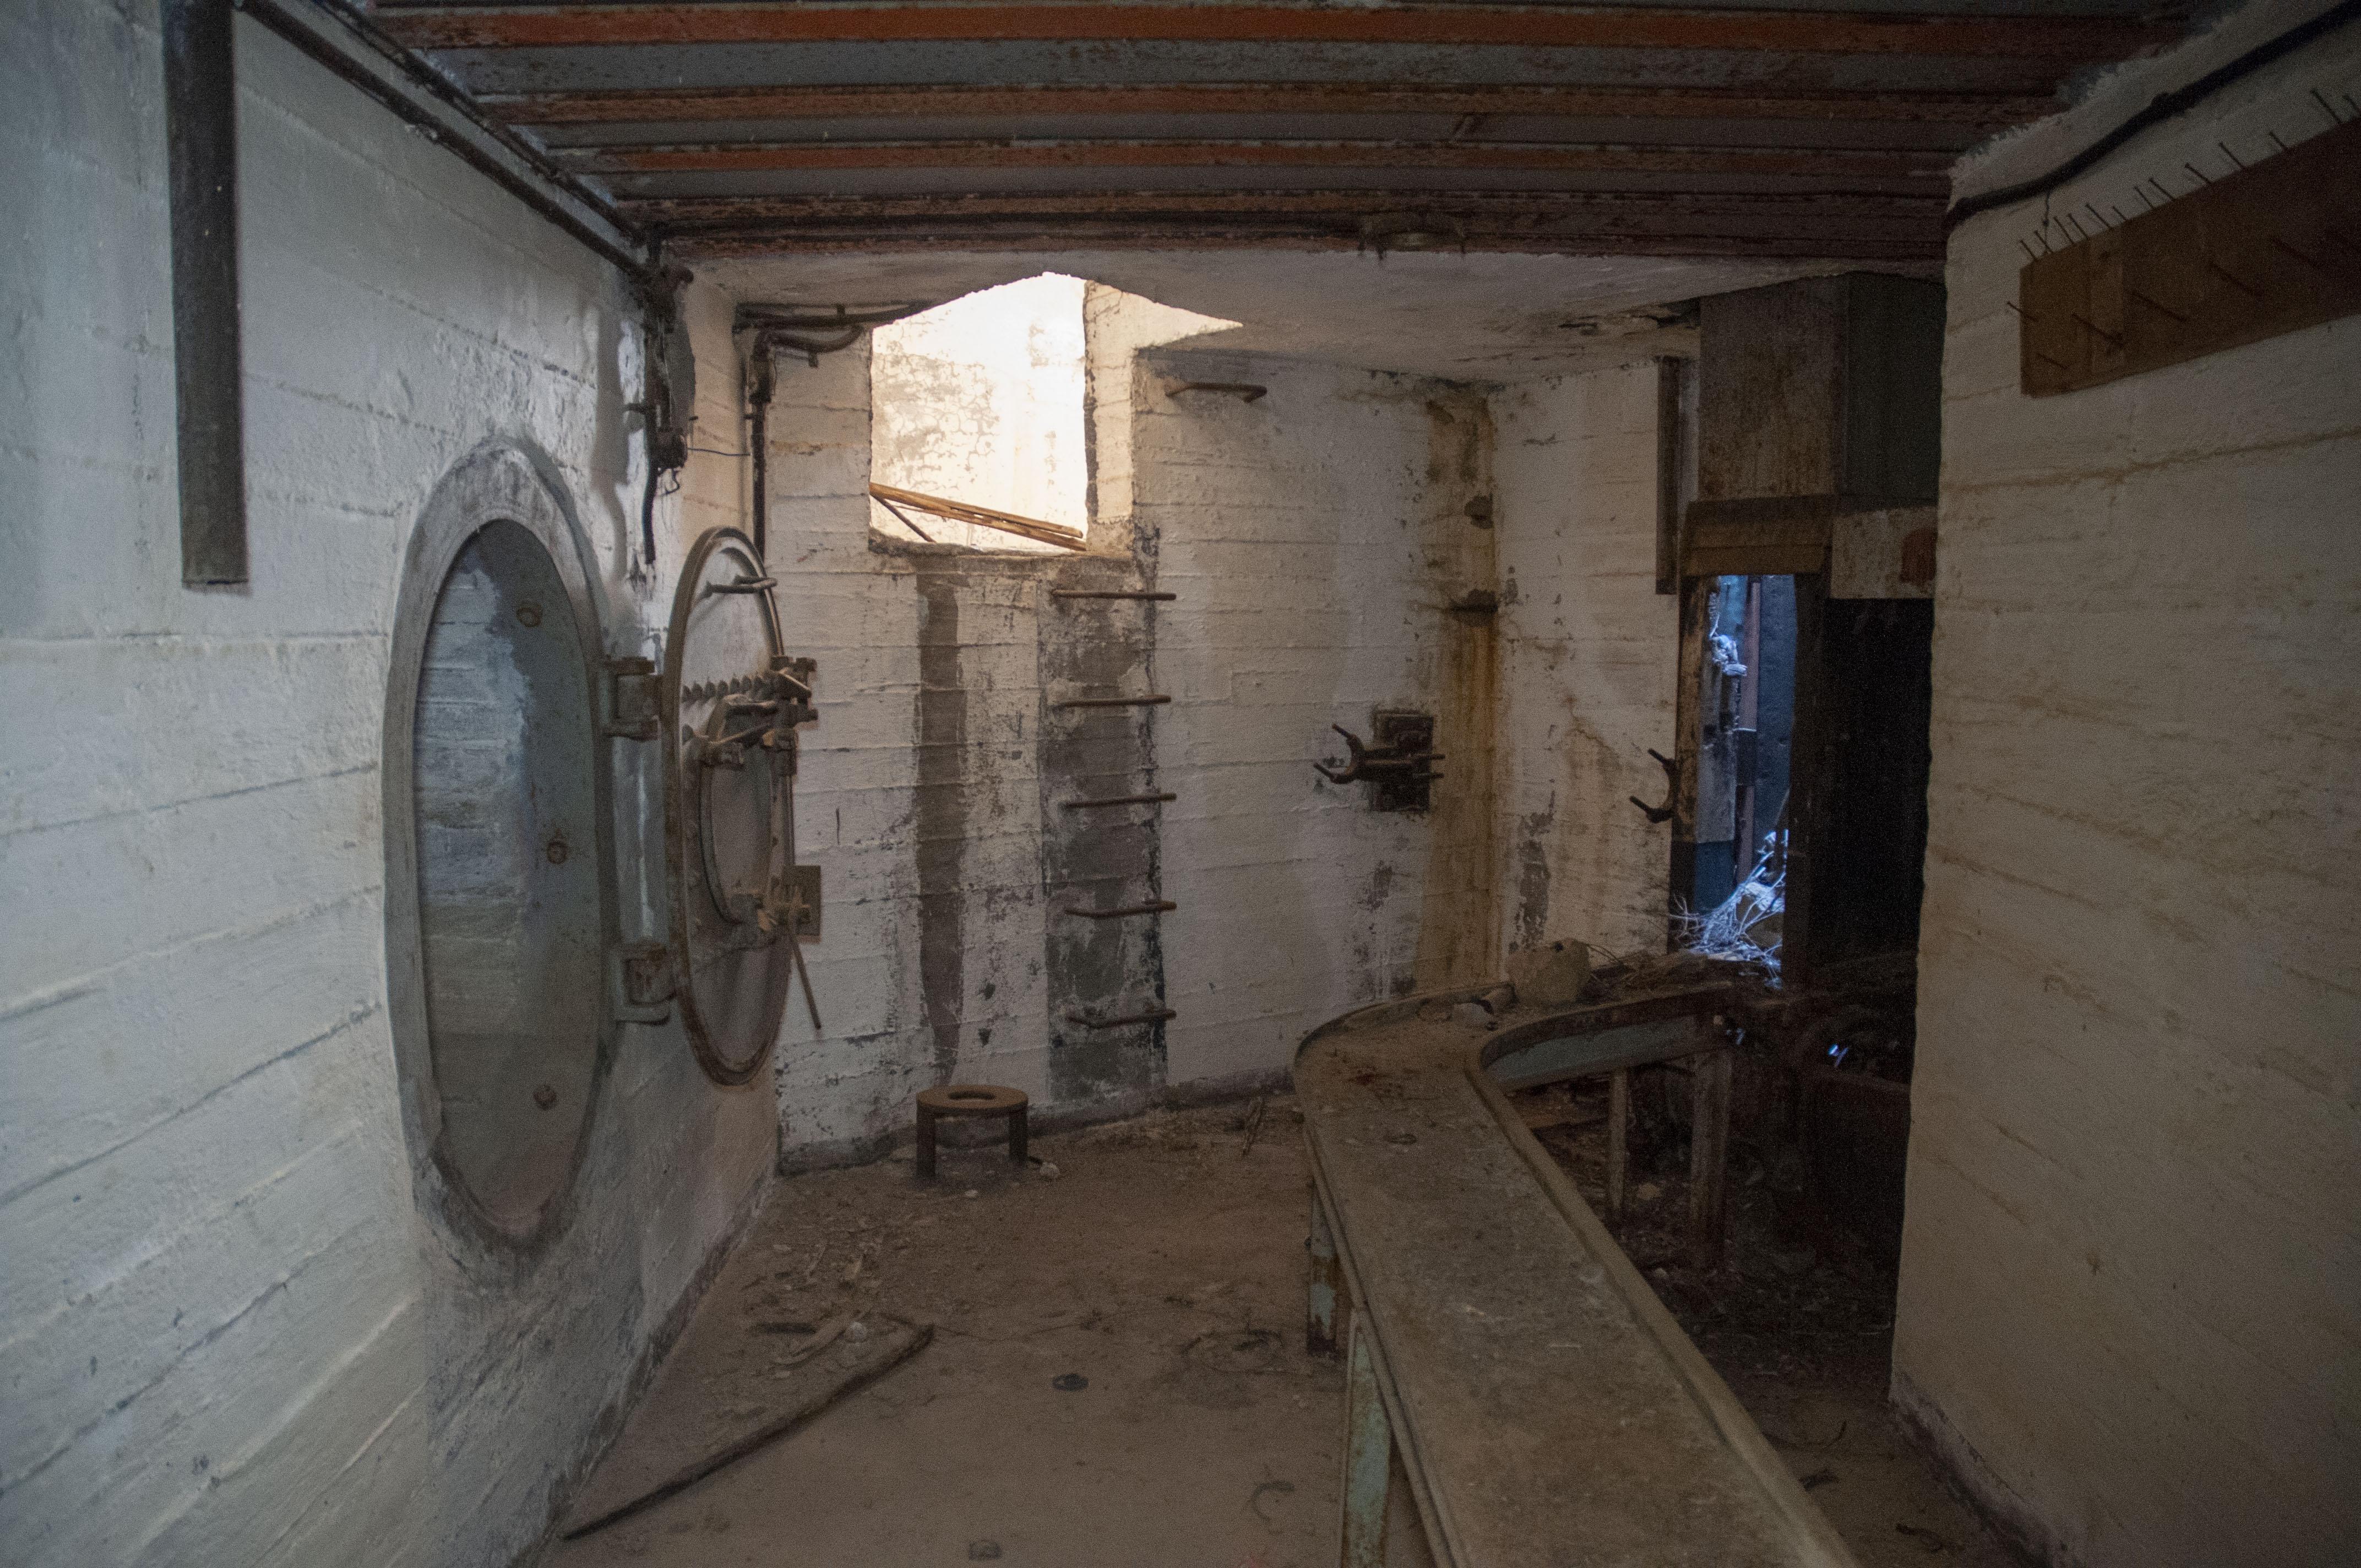 Ο κεντρικός θάλαμος. Αριστερά, η πόρτα προς βοηθητικό θάλαμο. Στο κέντρο, οι σκάλες τύπου «Π» προς τον προθάλαμο. Δεξιά, το σύστημα μεταφοράς βλημάτων (ράγες και συσκευή ανύψωσης).